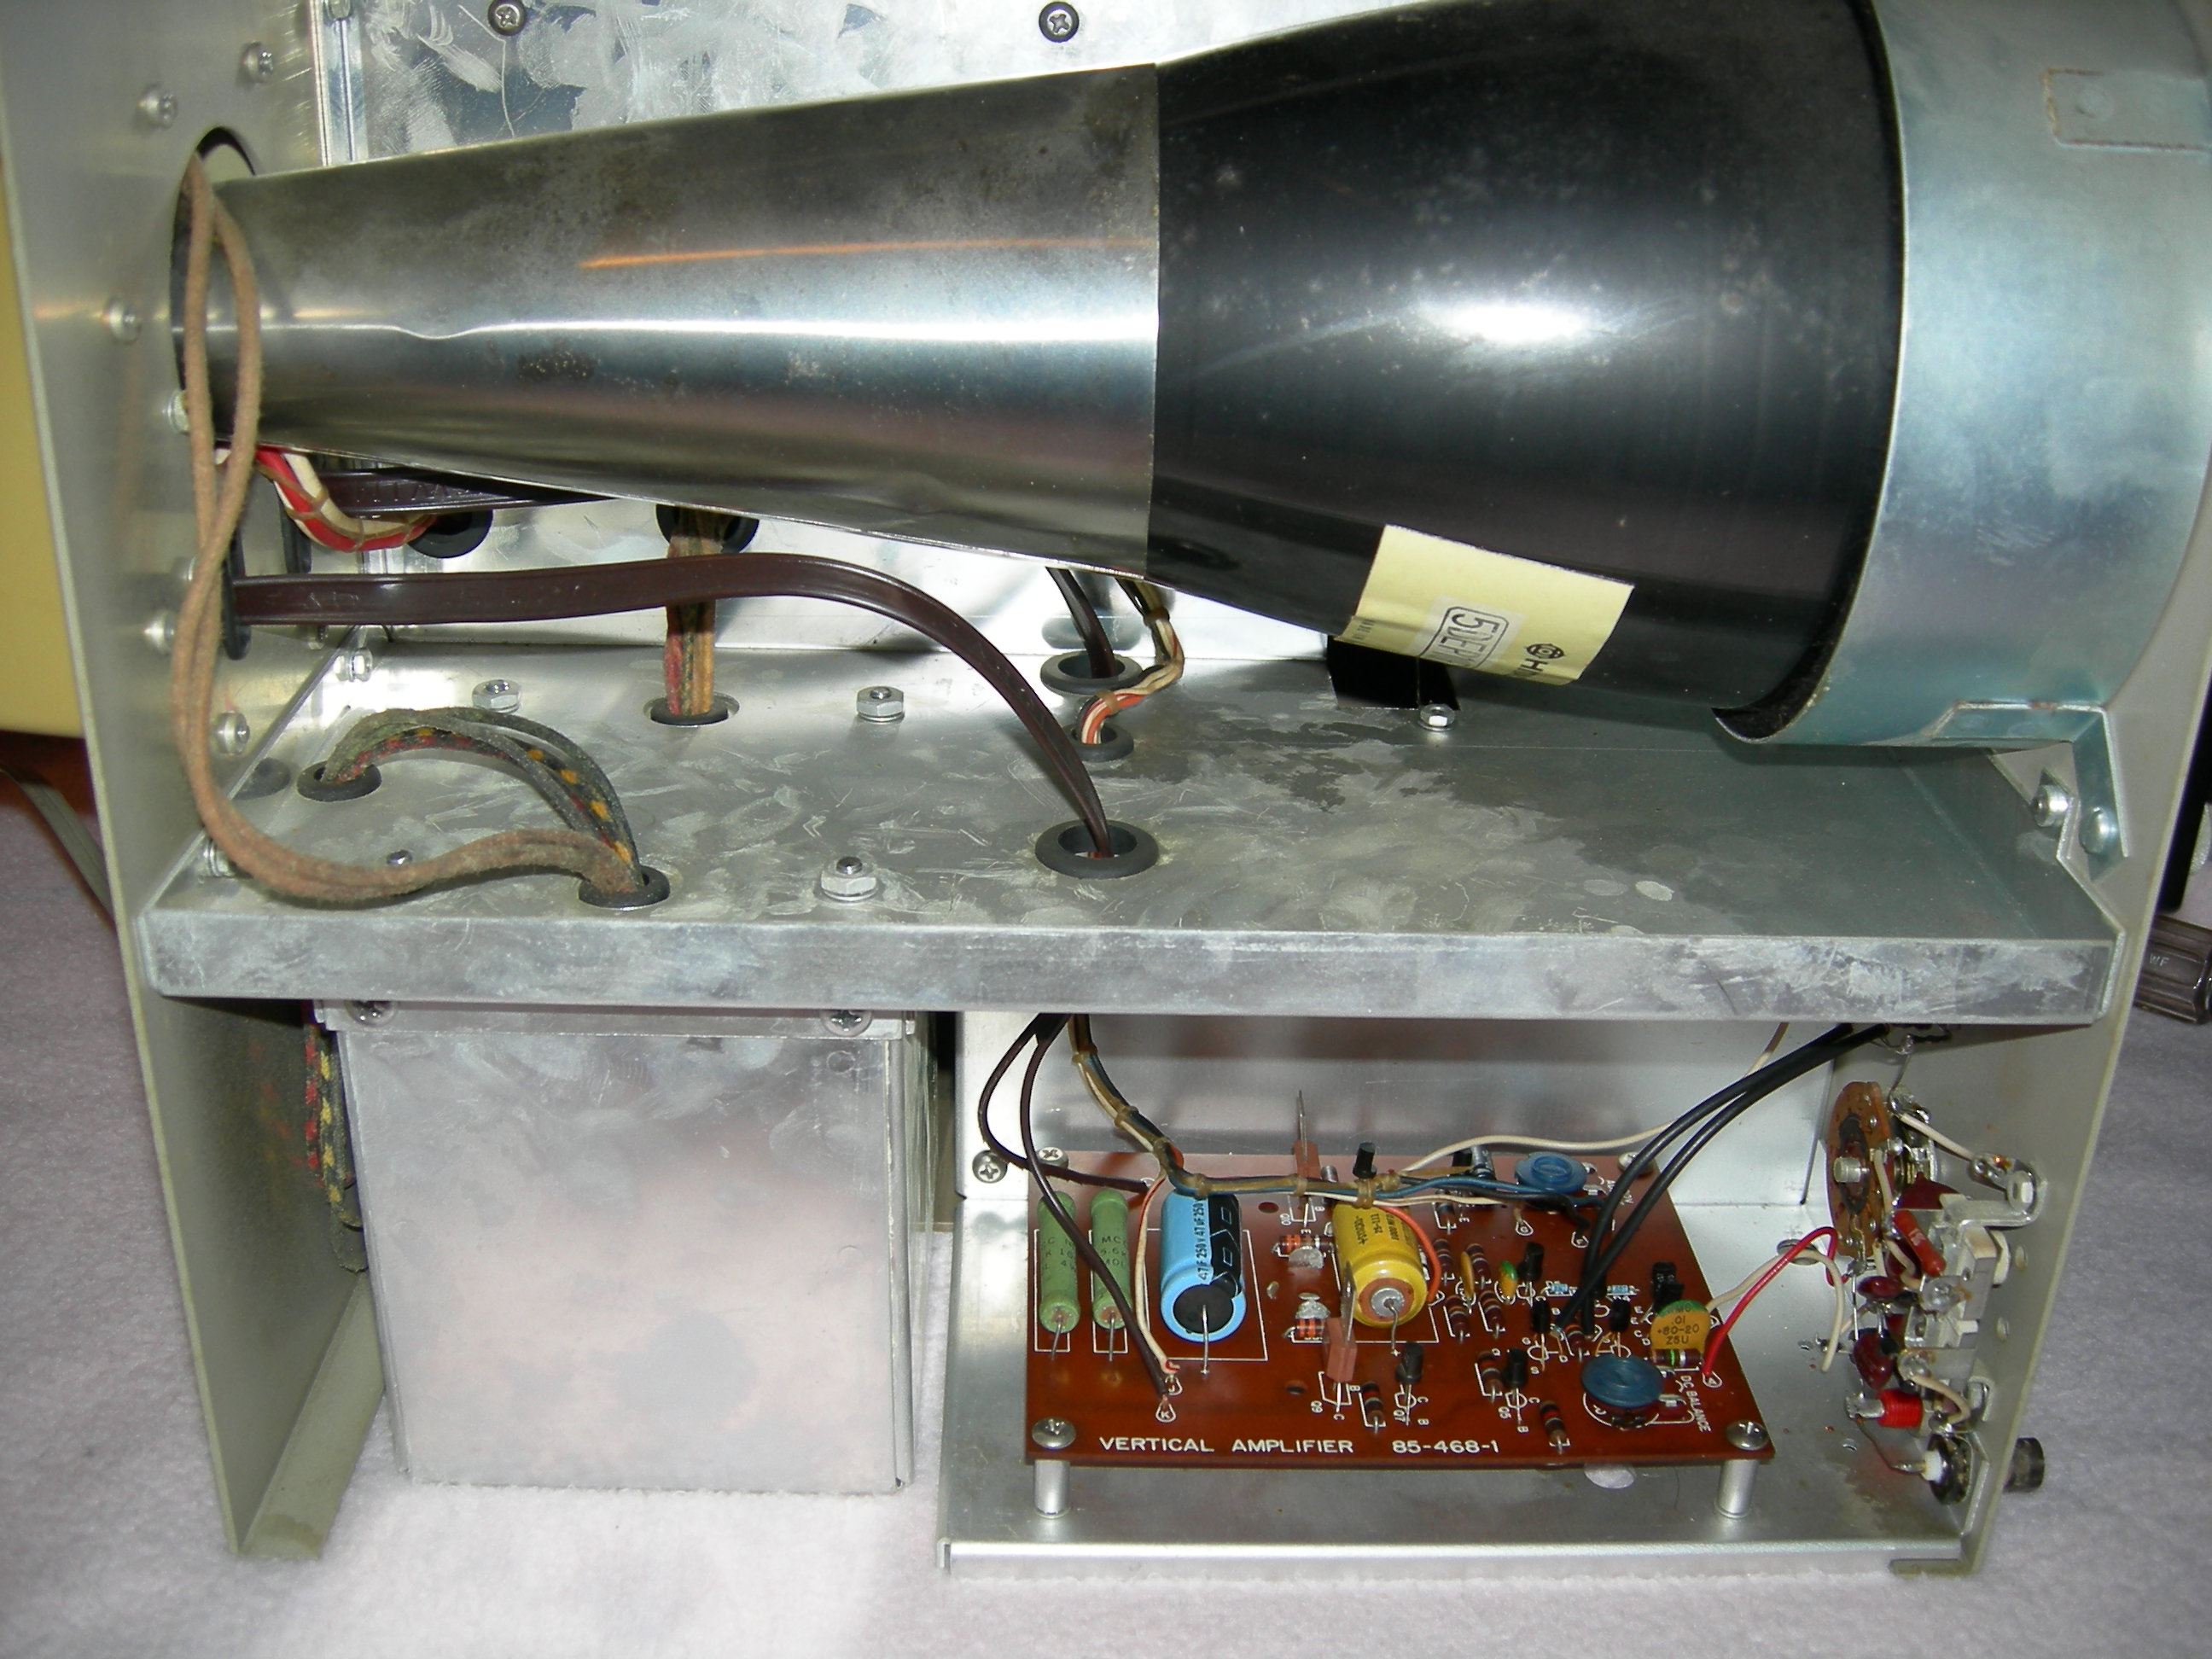 Heathkit IO-102 CRT and Vertical Amplifier